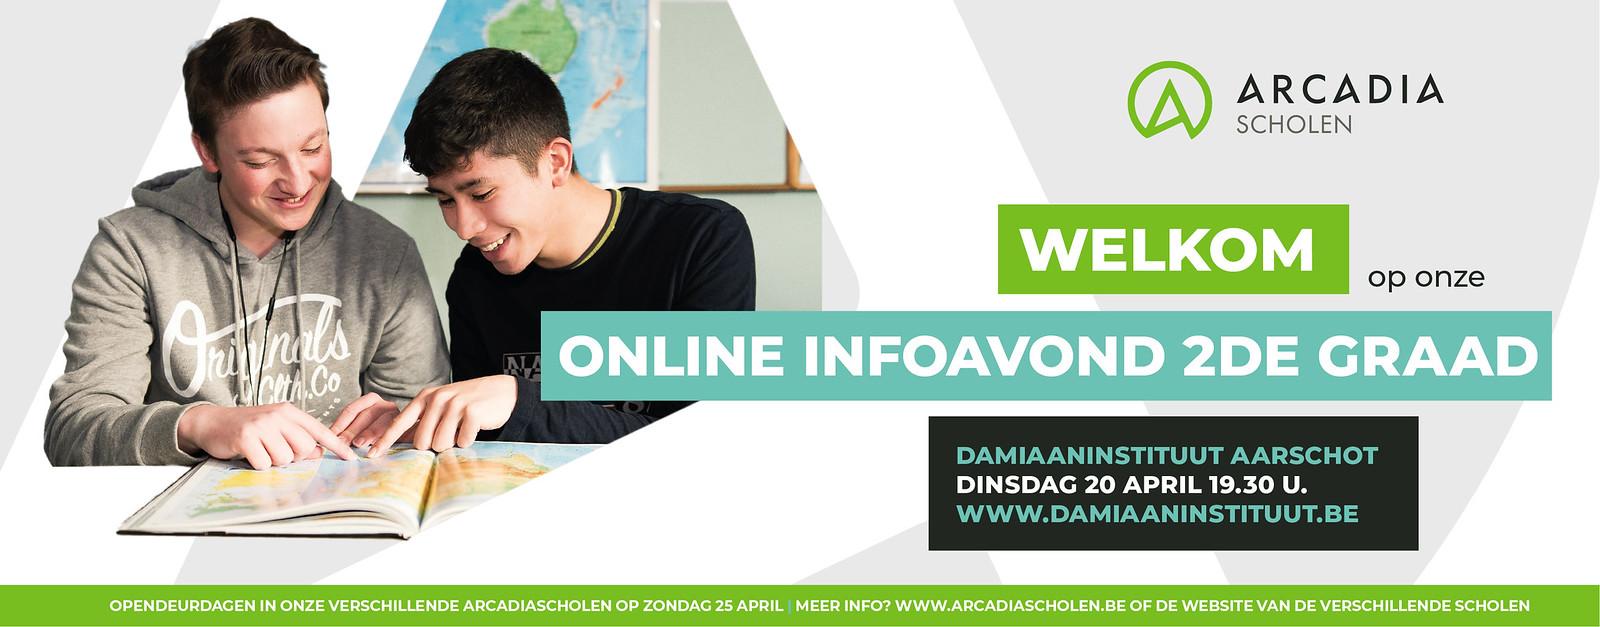 Digitale infoavonden